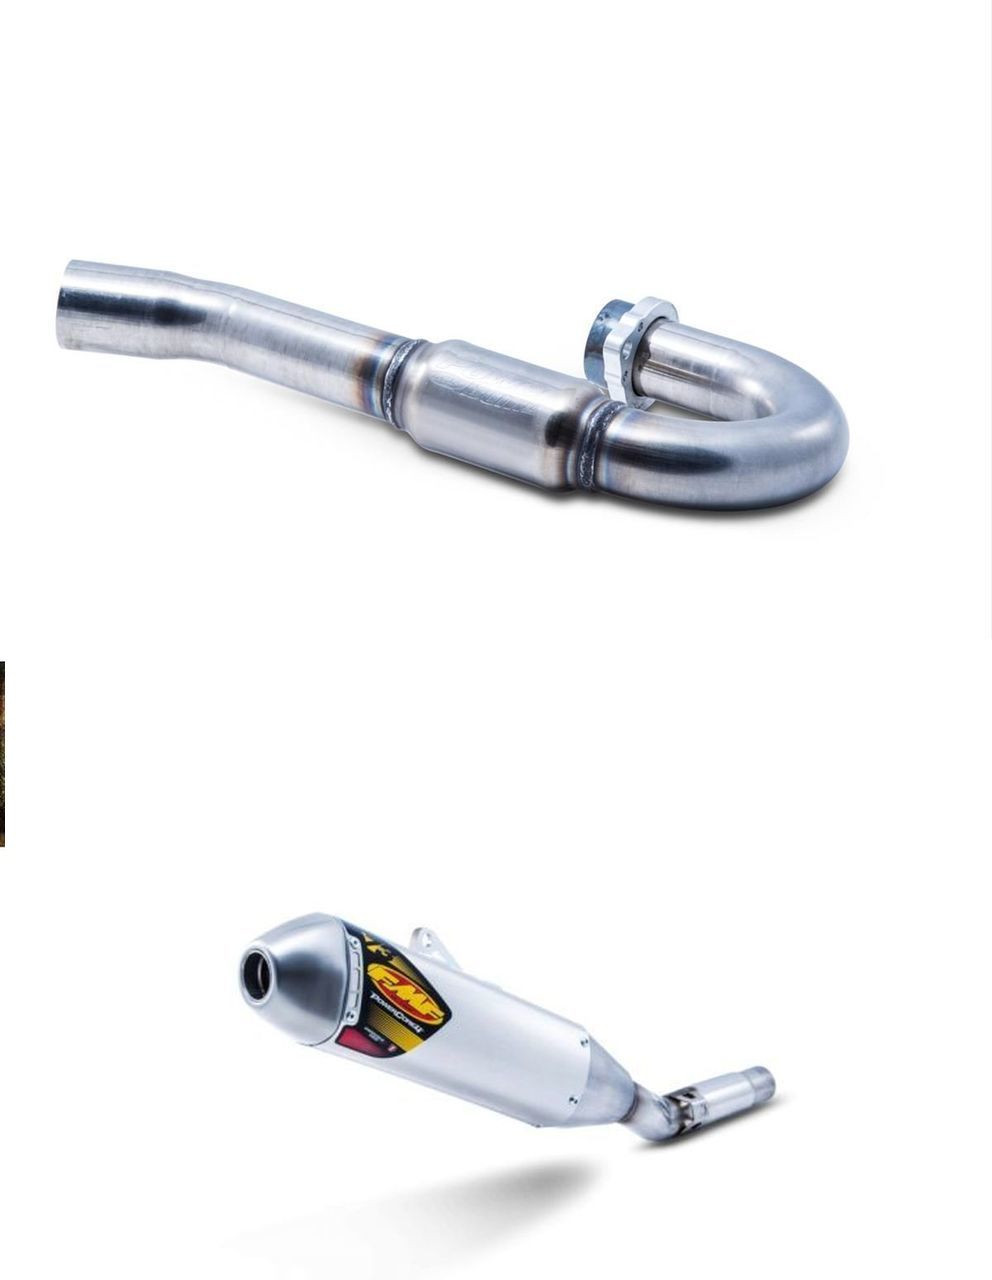 FMF 043011 & 040038 POWERCORE 4 & POWER BOMB FULL EXHAUST SUZUKI DRZ400 & S  / SM